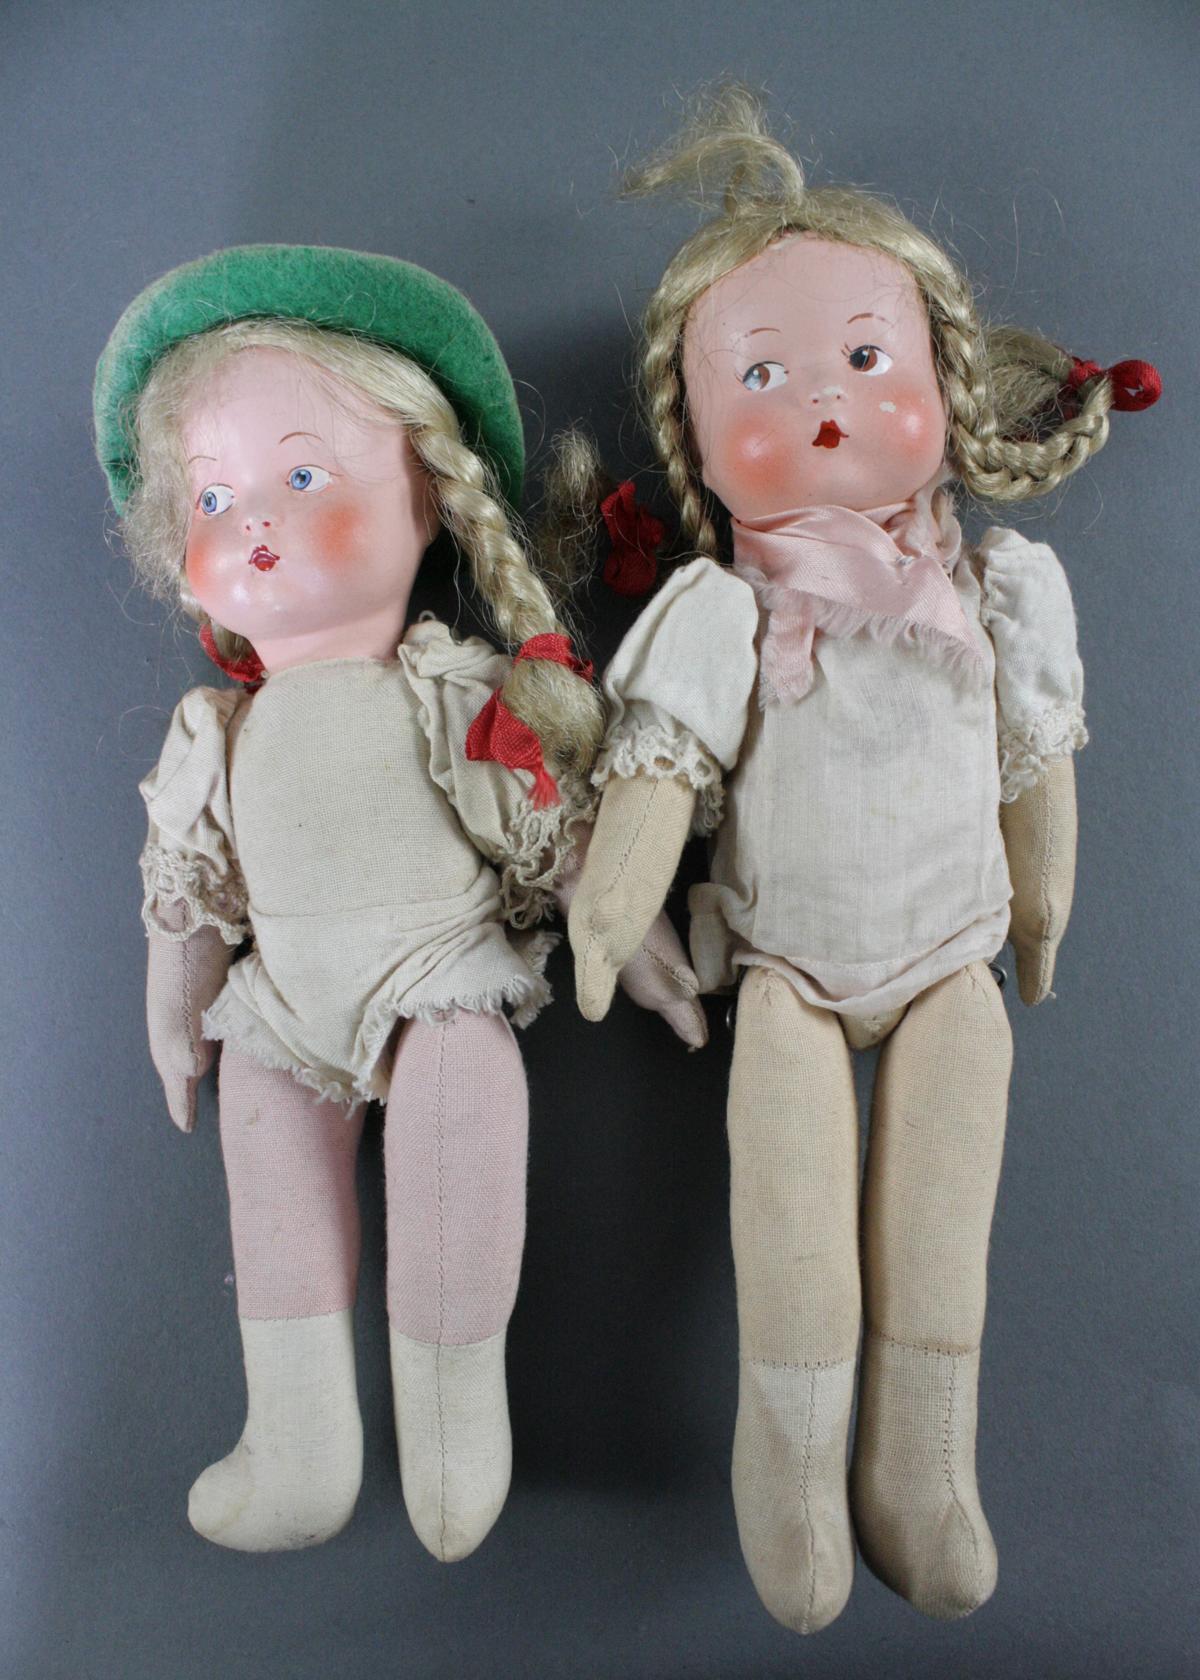 12 sehr alte Puppen, 1. Hälfte 20. Jahrhundert oder älter-8